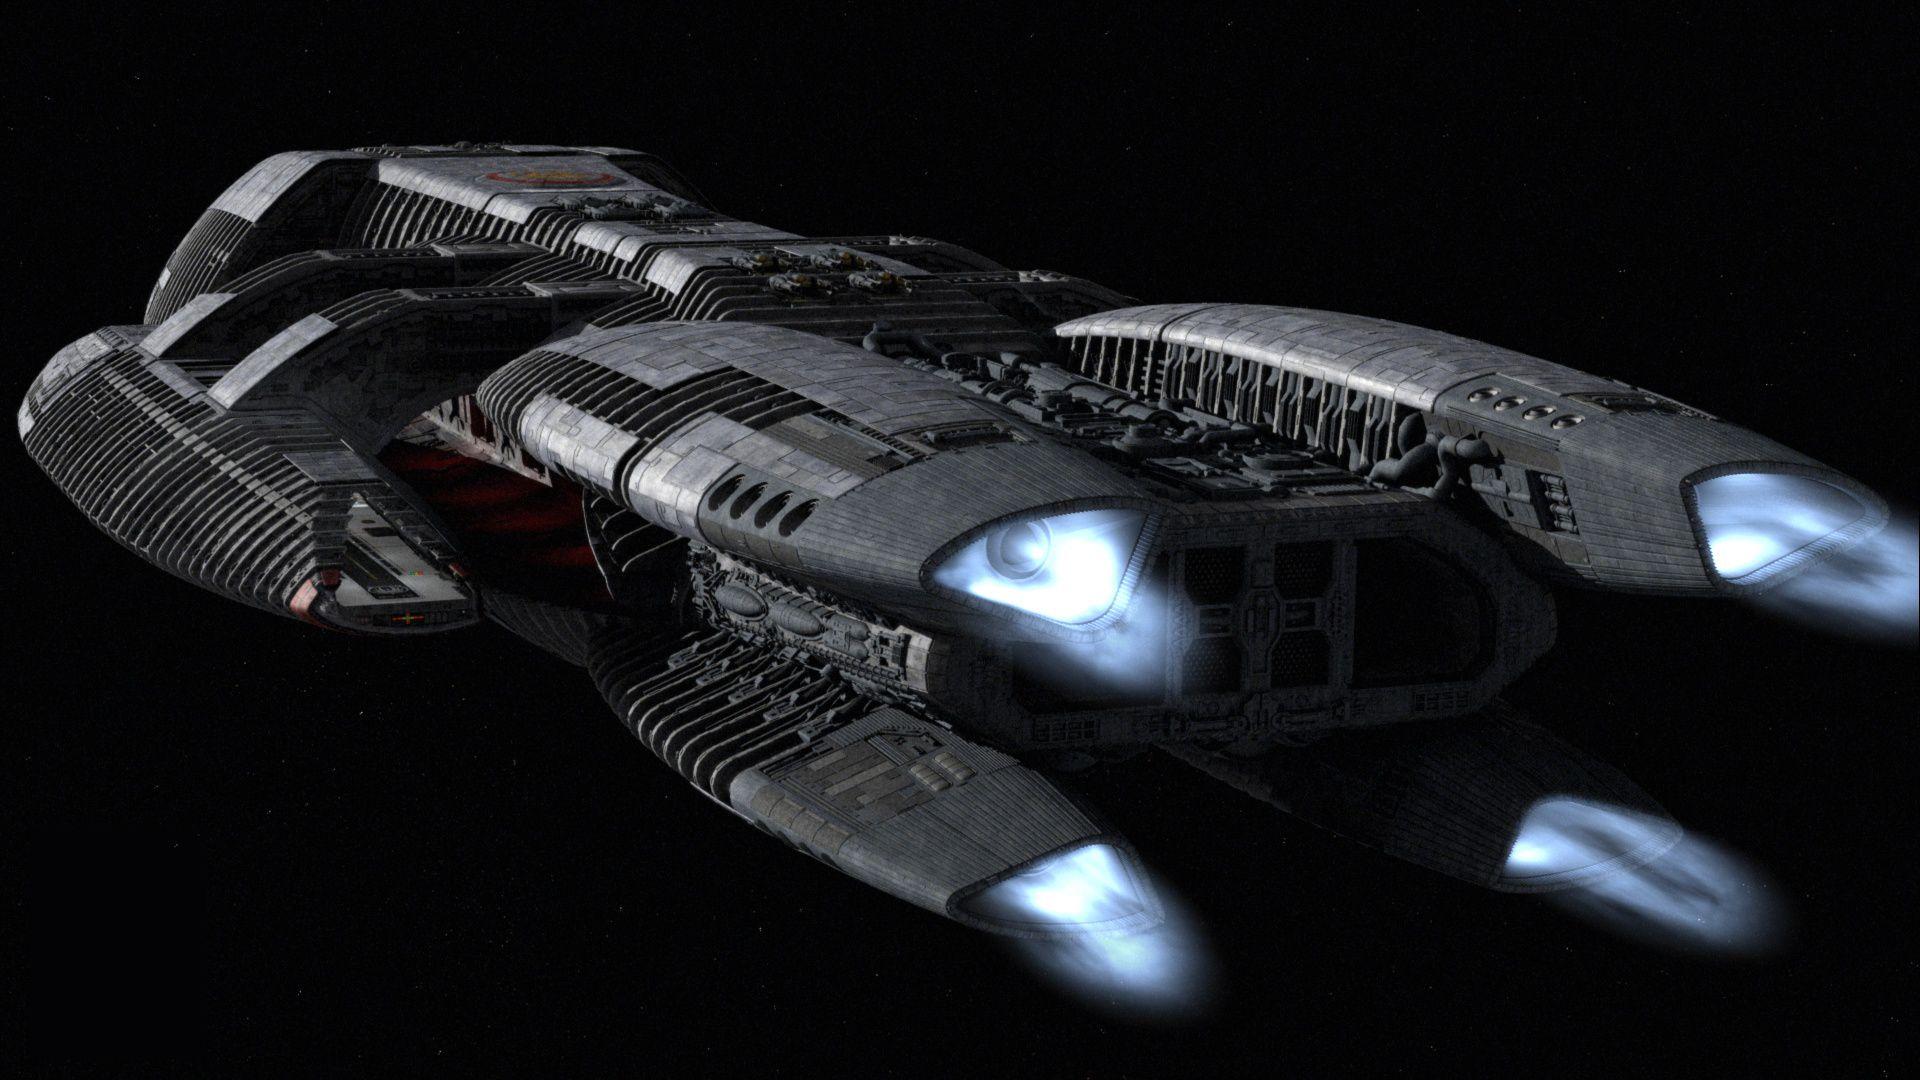 50 Battlestar Galactica War Wallpaper Images On Wallpapersafari Battlestar Galactica Hd Wallpaper Digital Art